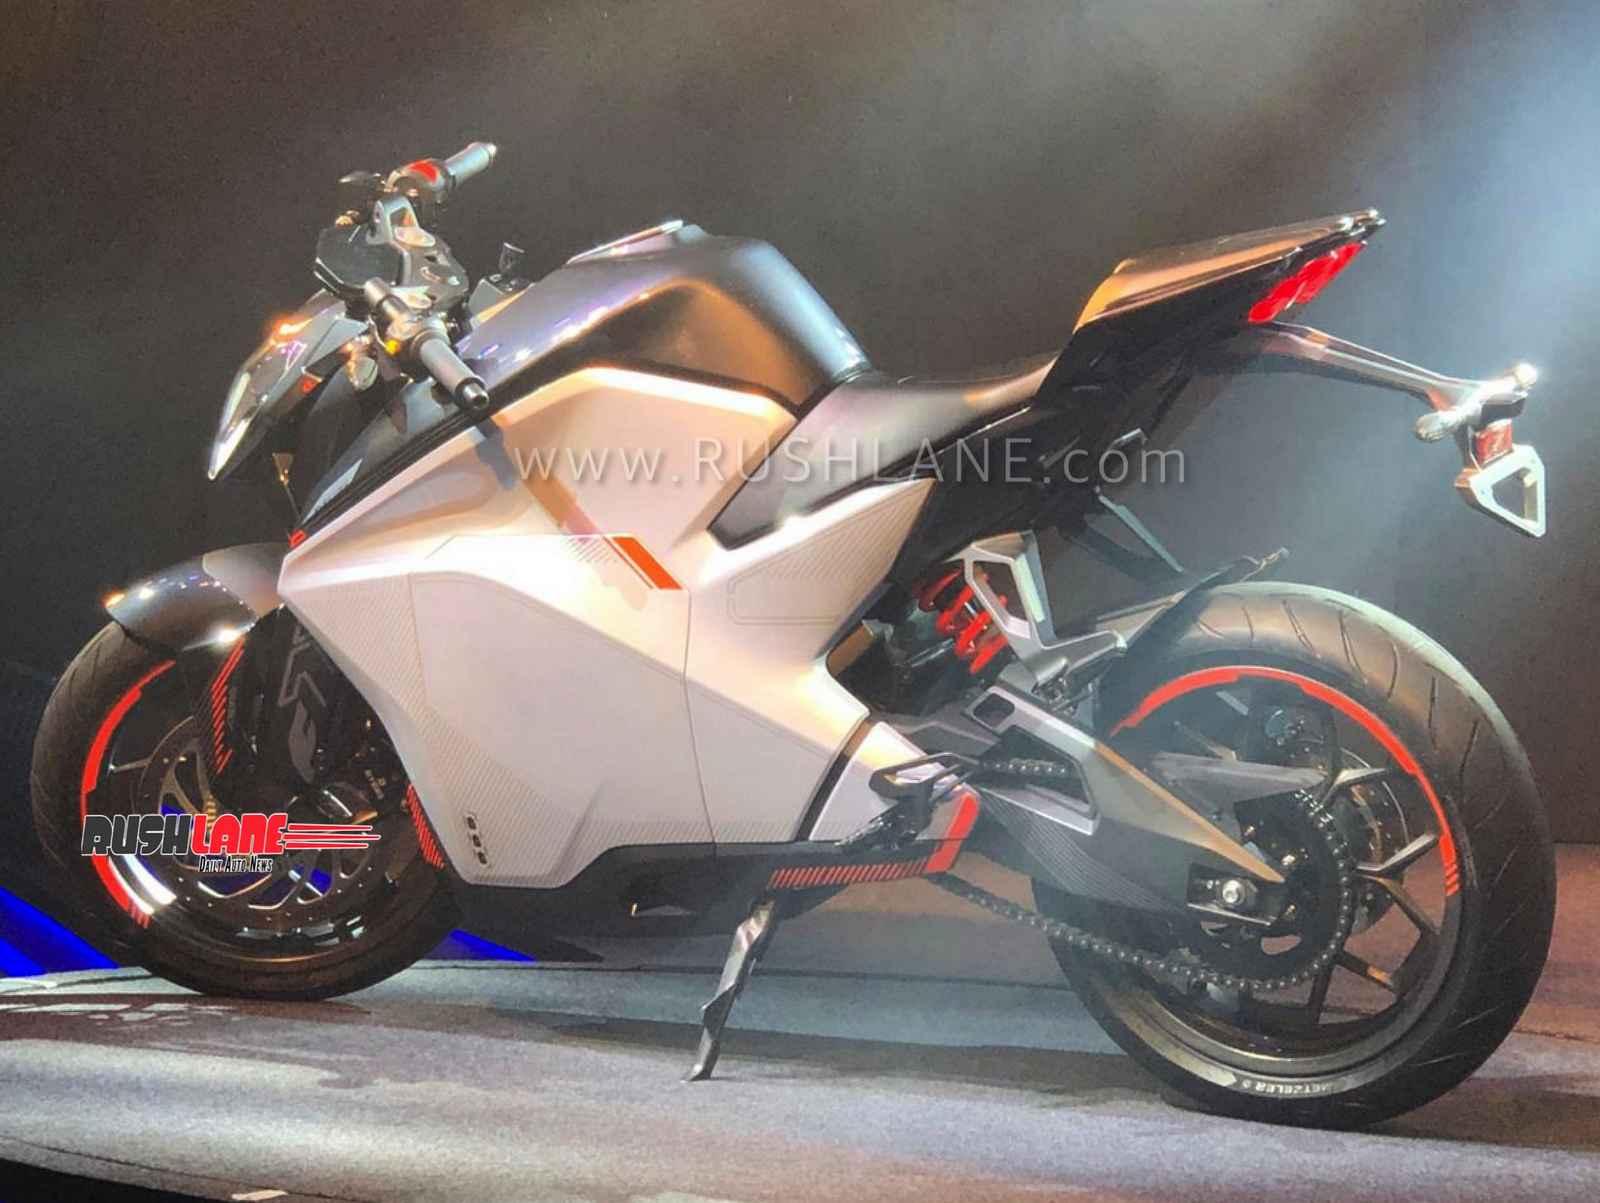 Ultraviolette F77 electric sports bike